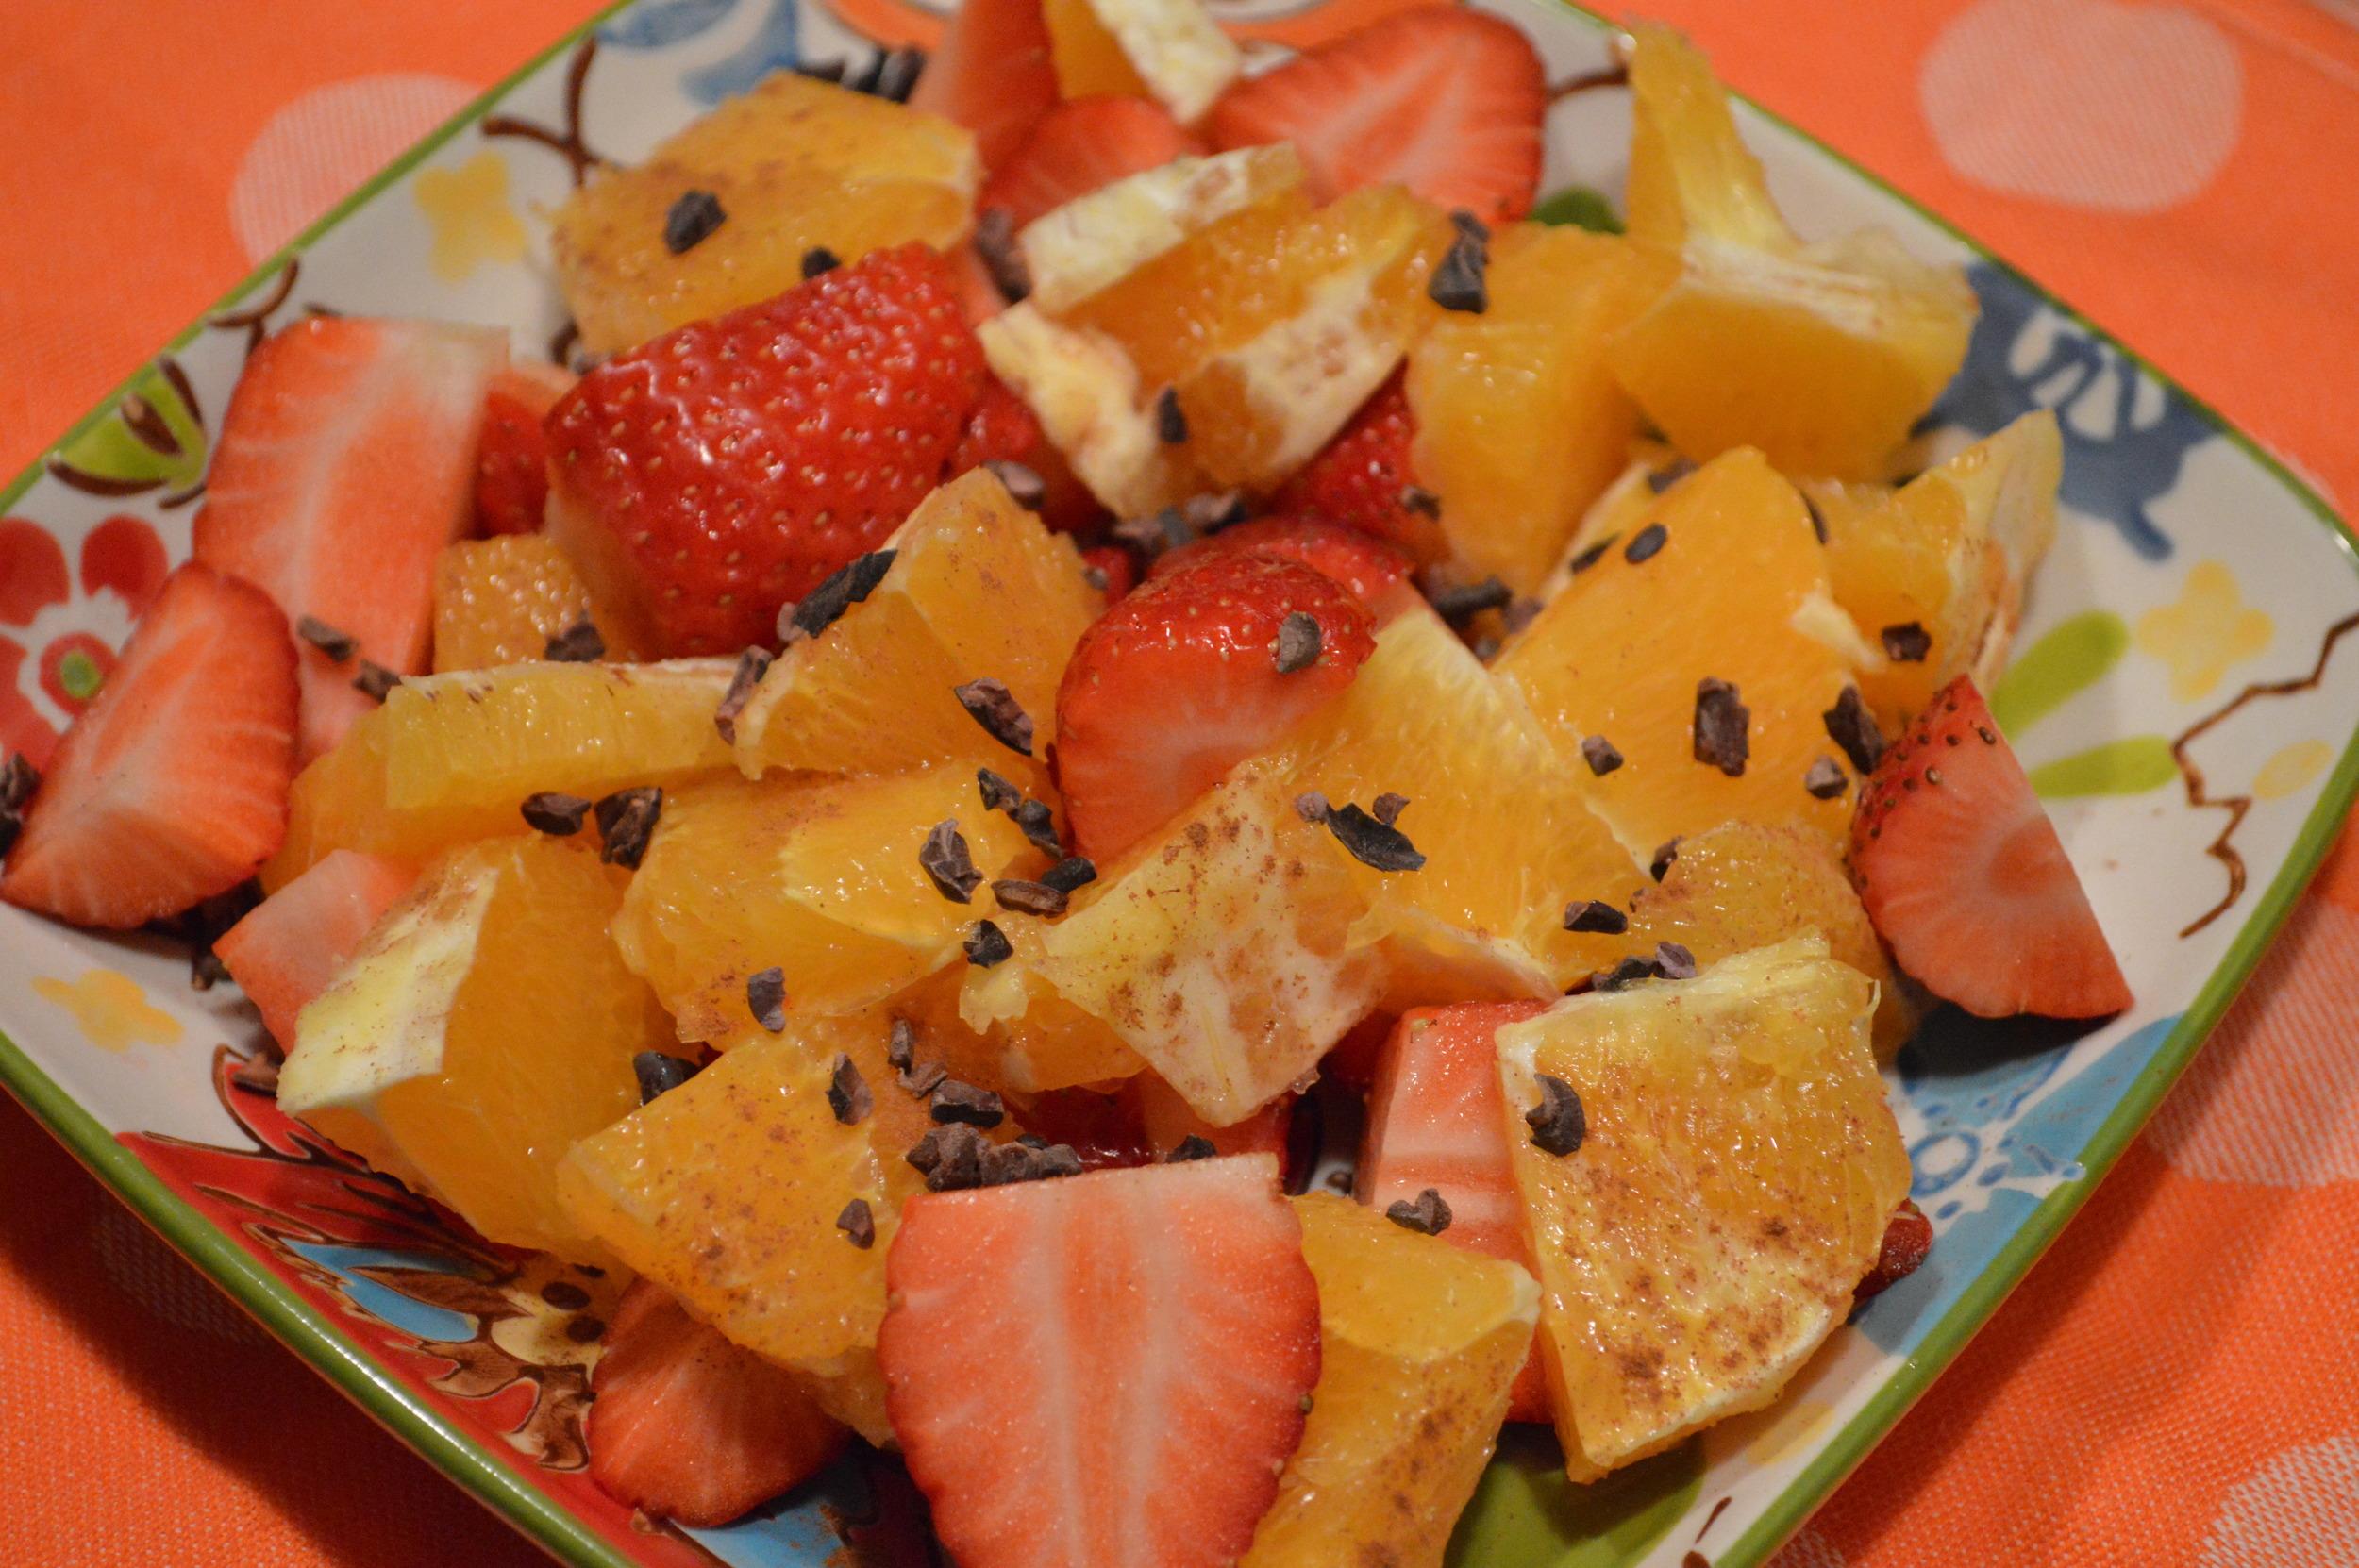 Oranges, Strawberries + Cacao Nibs